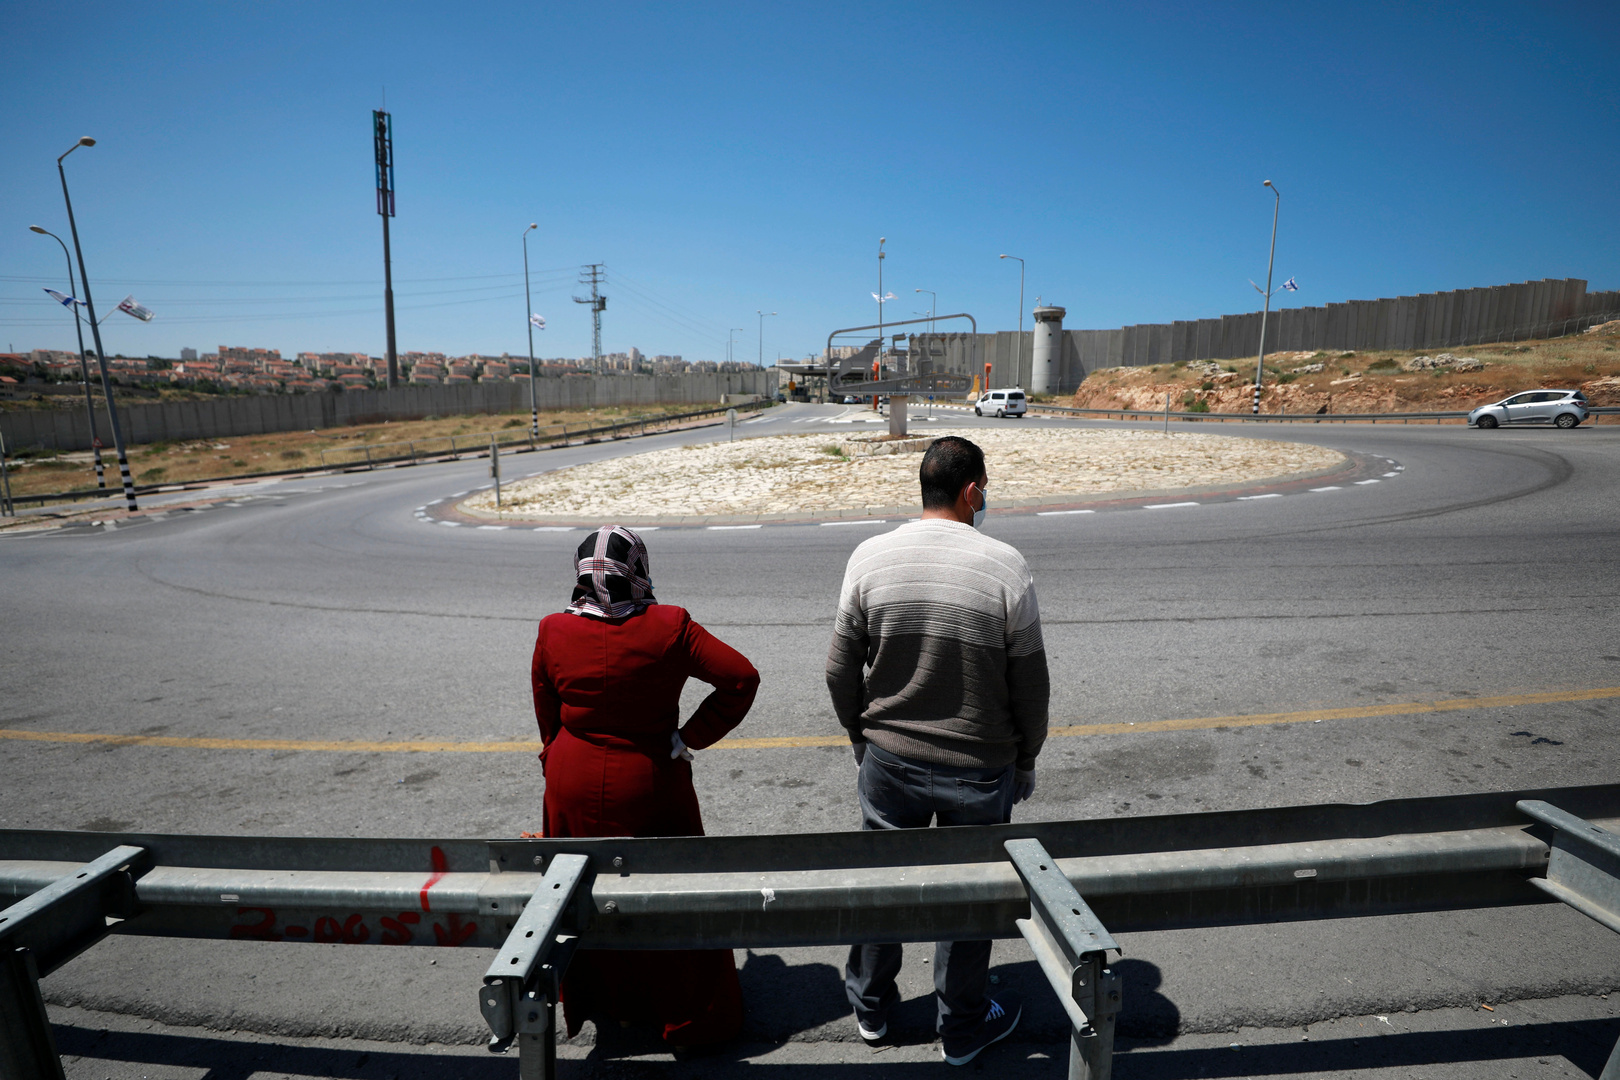 الحكومة الفلسطينية تمدد الإغلاق الشامل مع تفشي كورونا بوتائر قياسية